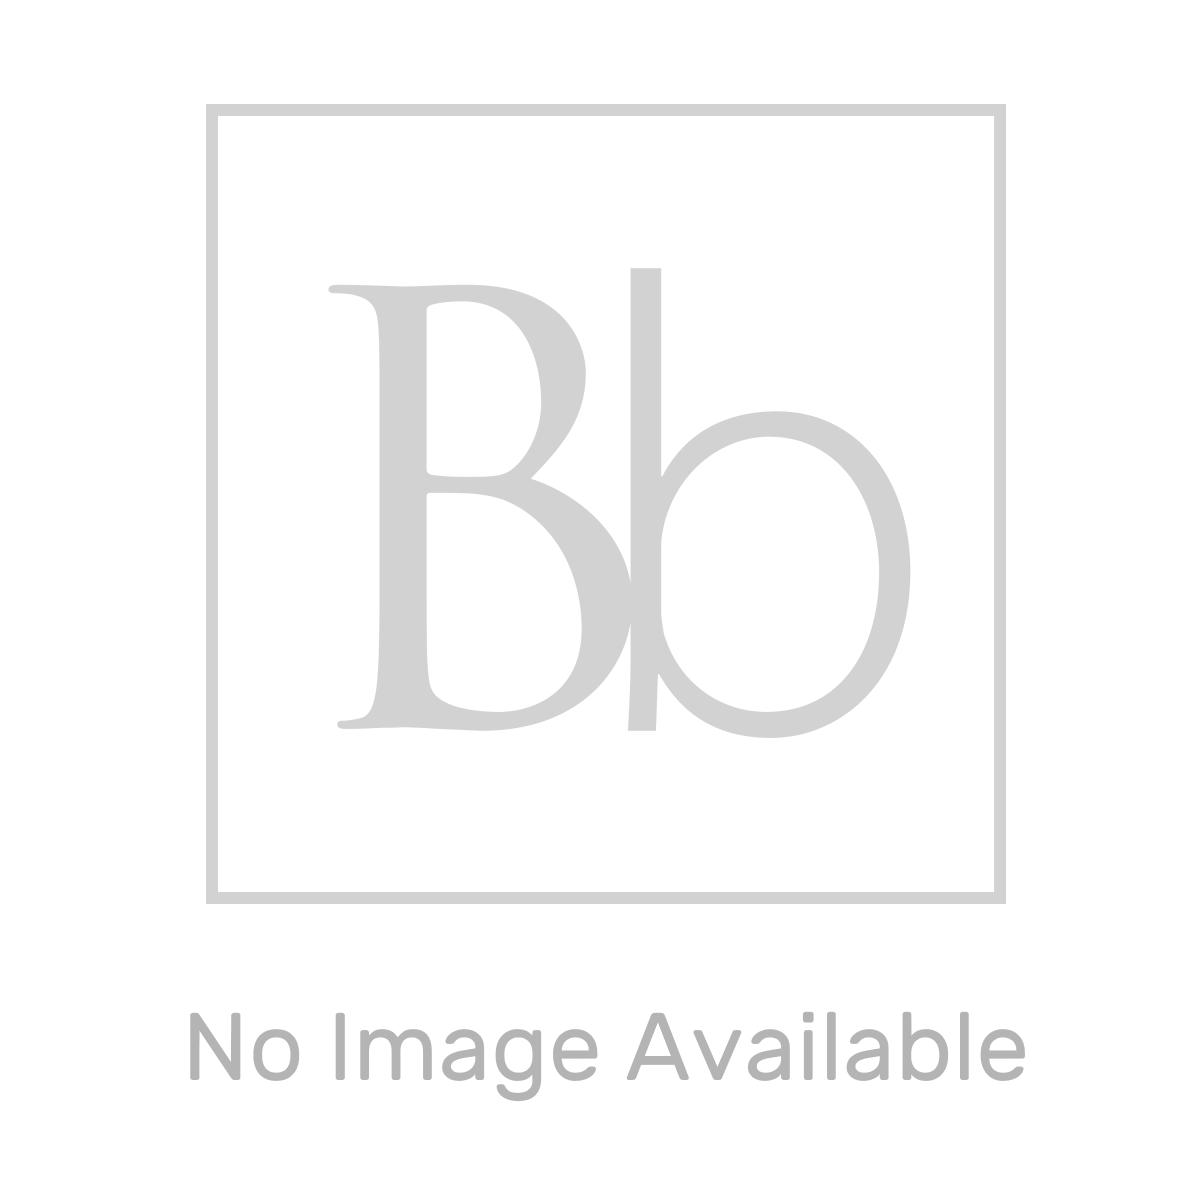 RAK Resort En-Suite with Hinged Door Shower Enclosure